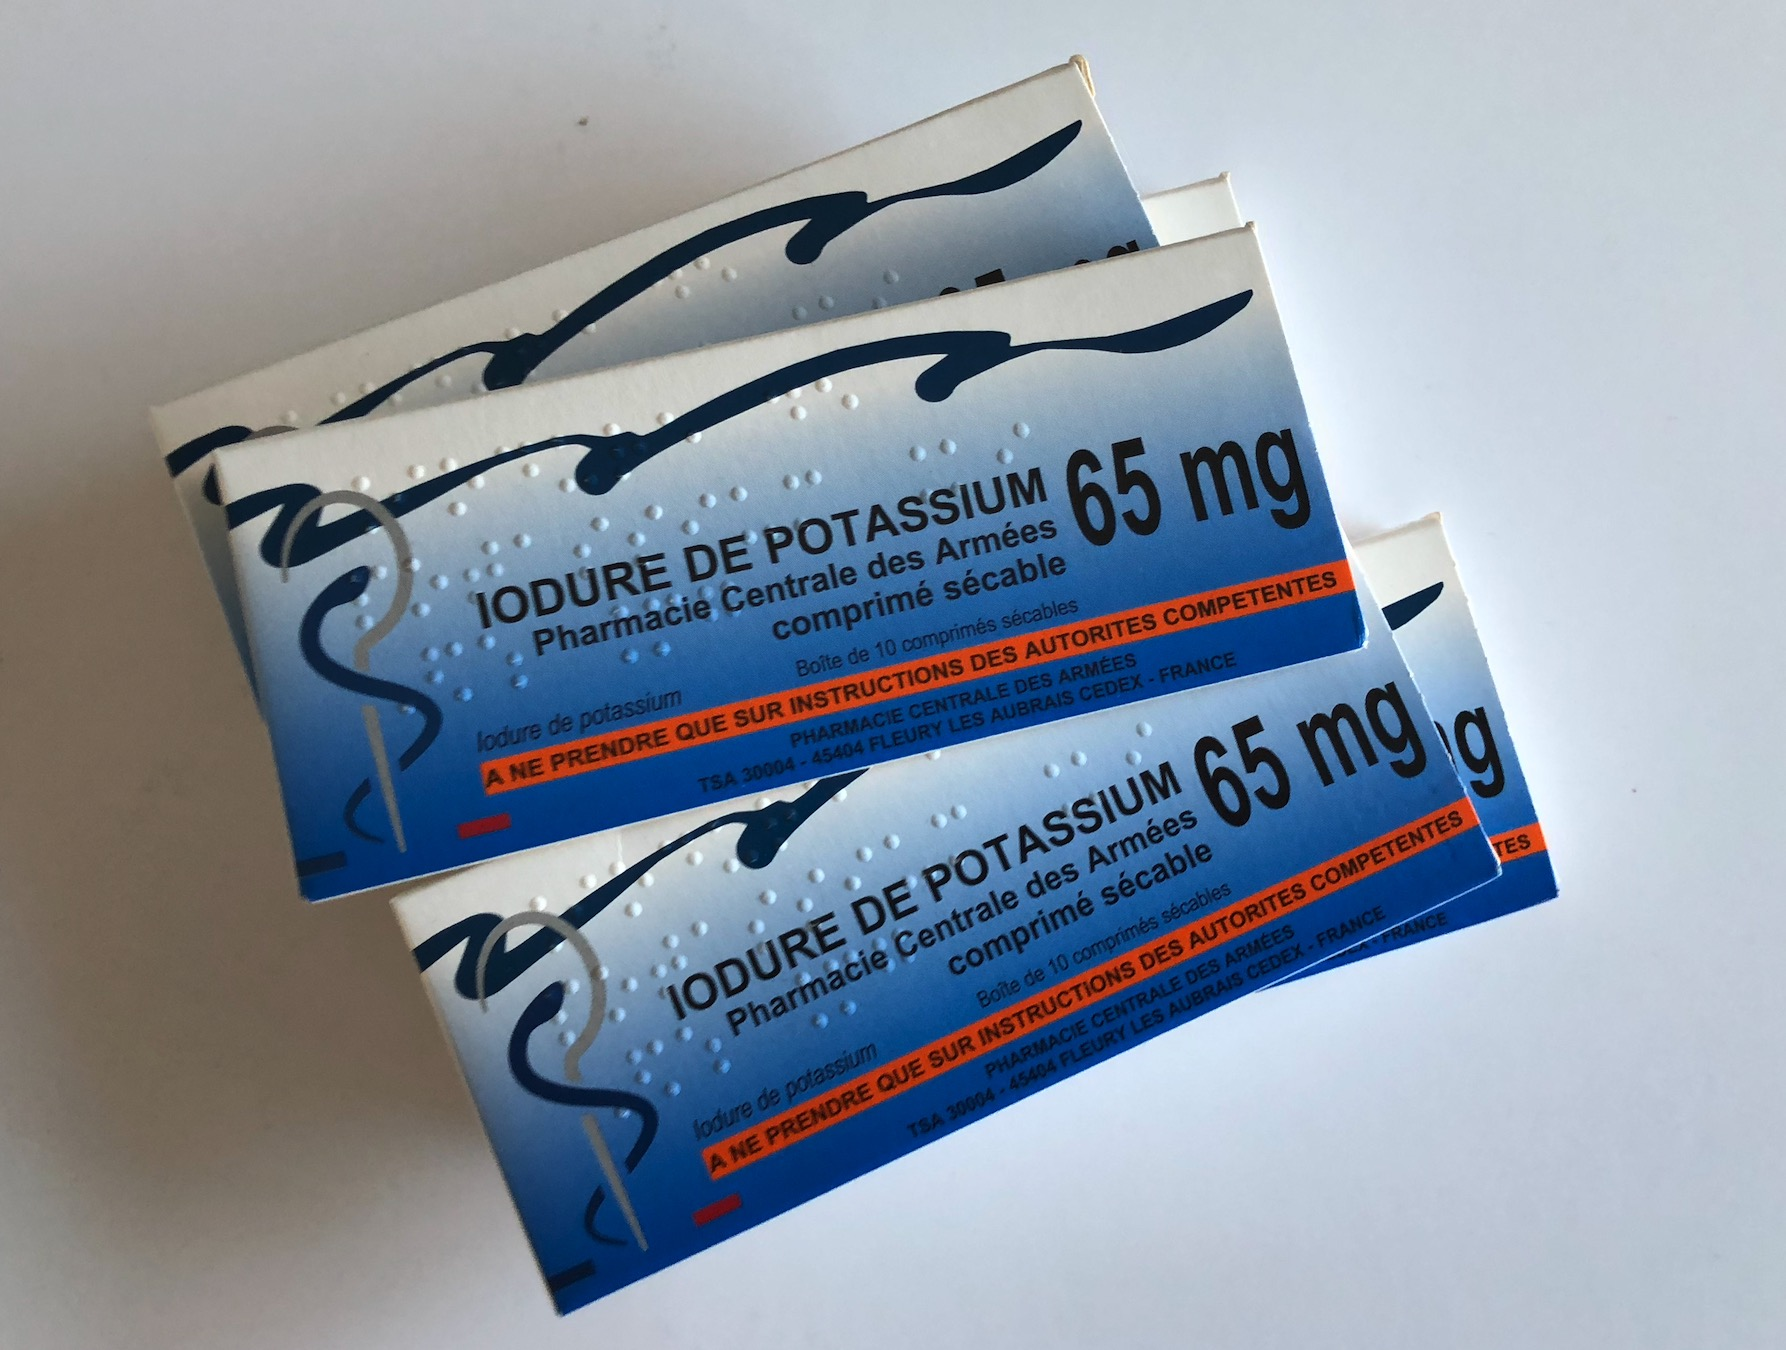 [Stock + Fabrication] Iodure de potassium (risque nucléaire) comprimés d'iode - Page 6 Img10210